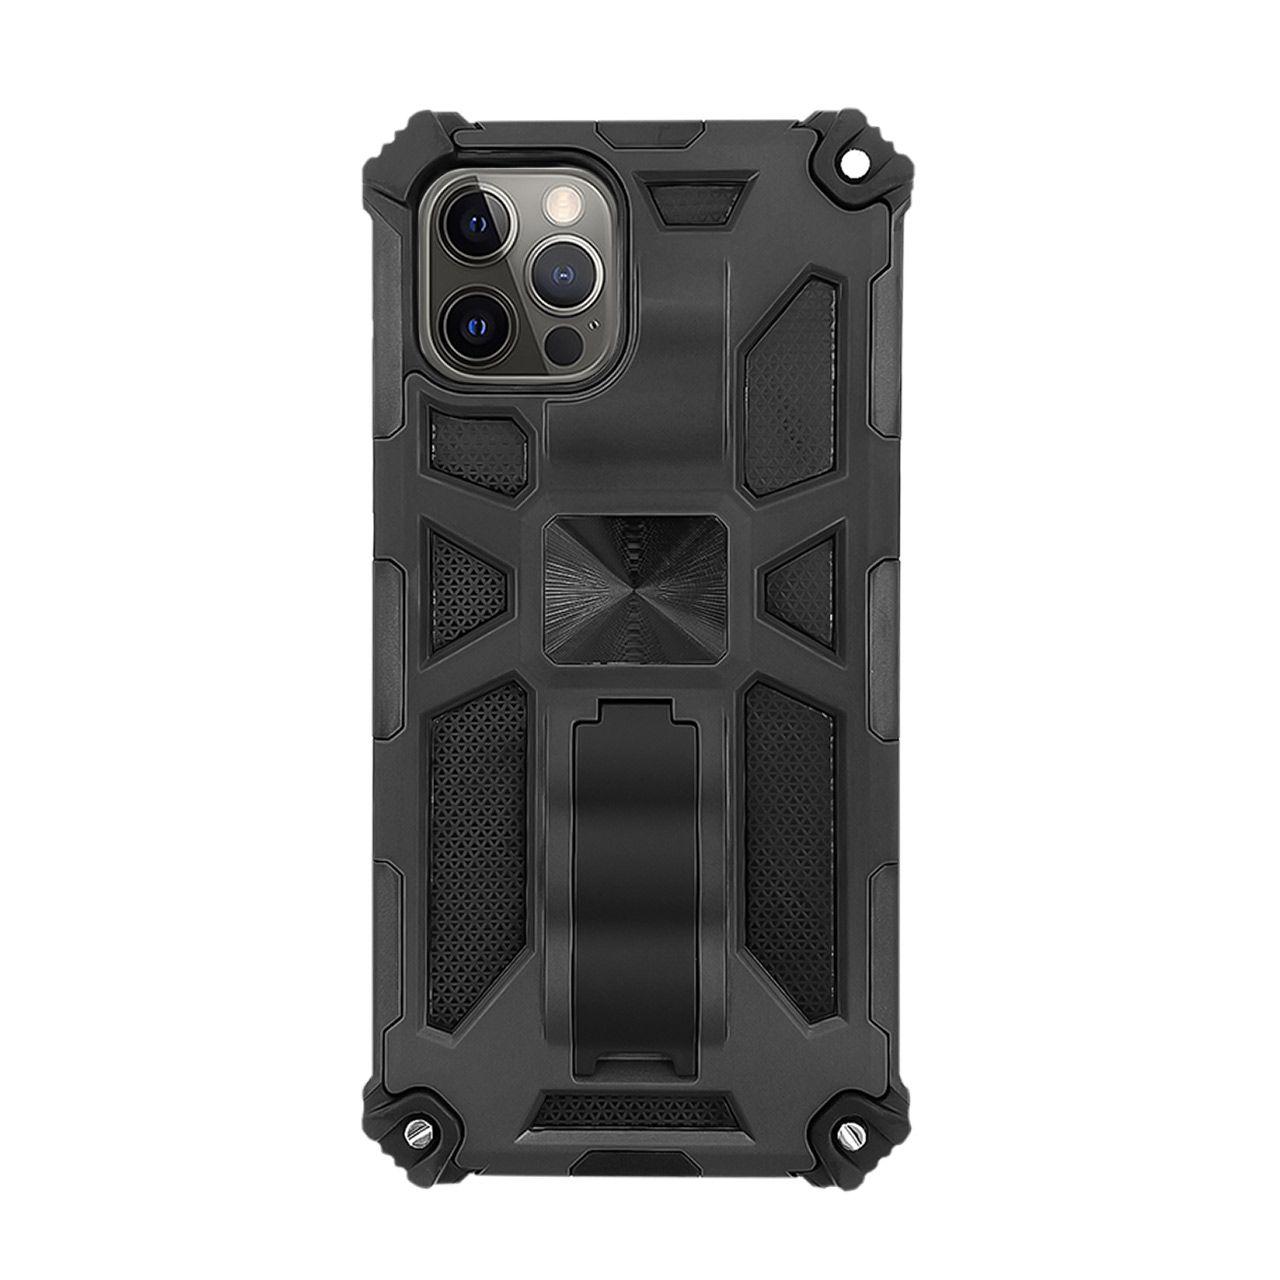 کاور استرانگ  مدل SR99 مناسب برای گوشی موبایل اپل iPhone 12 Pro/ iPhone 12